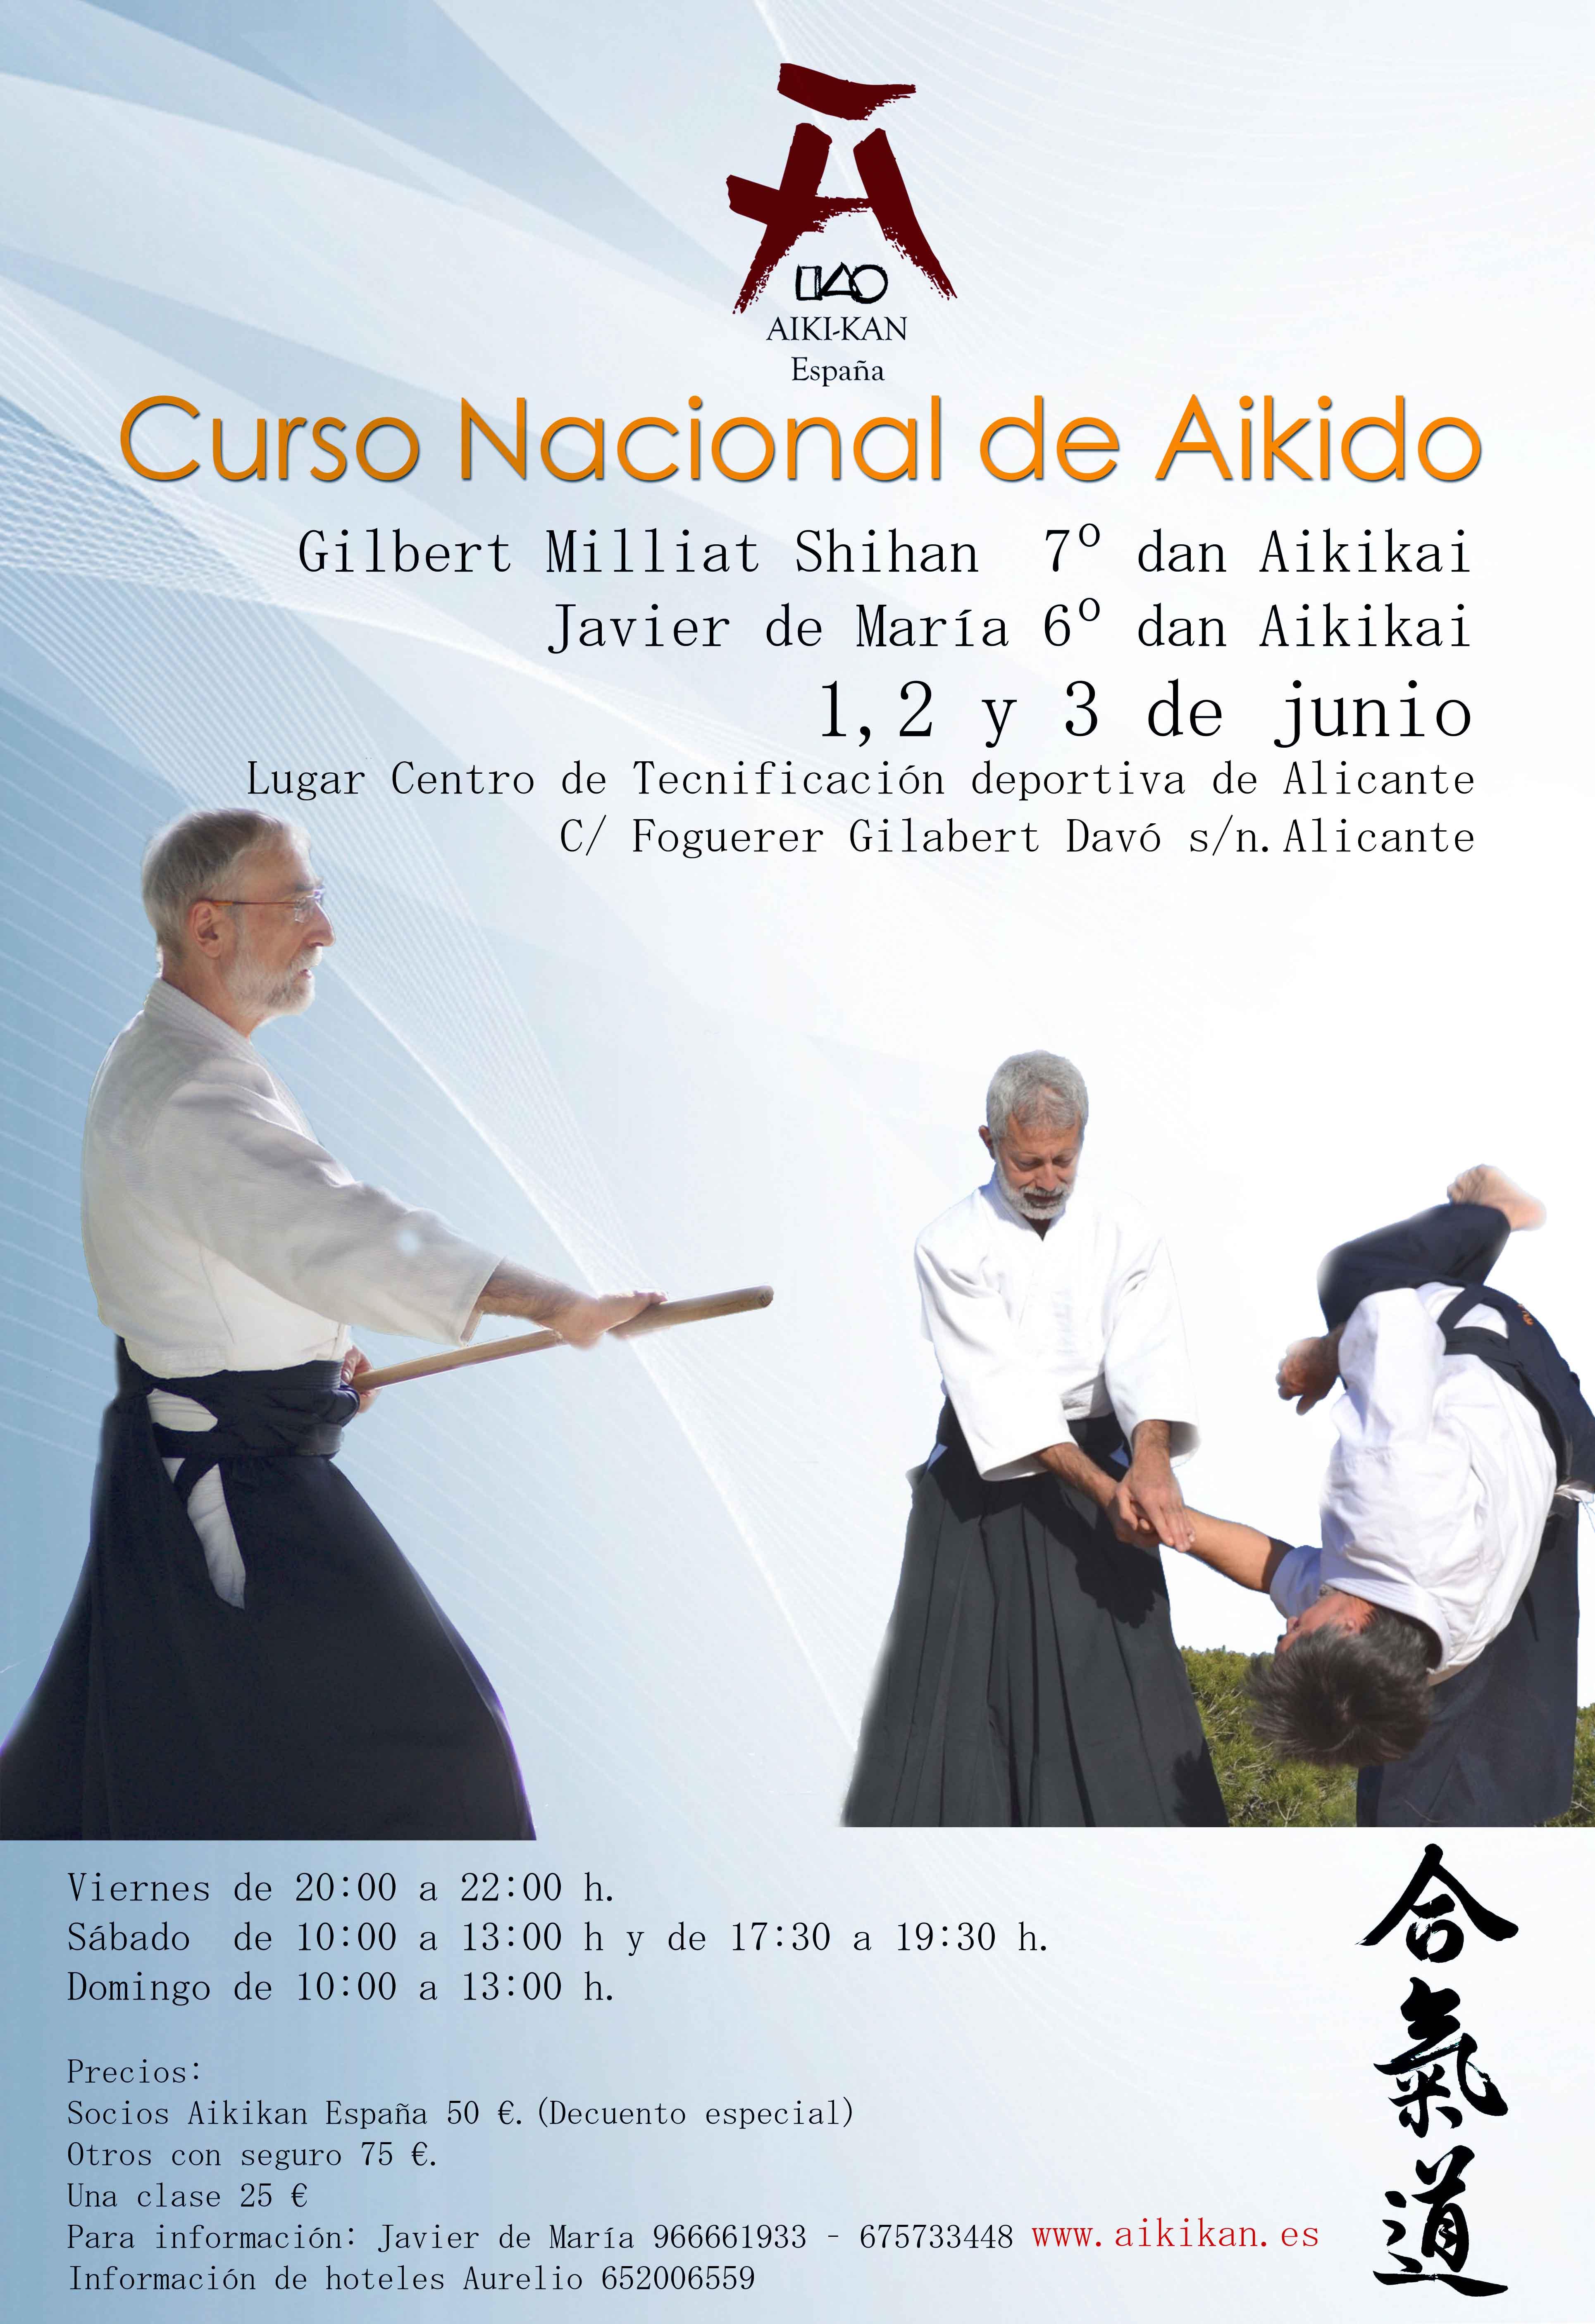 Aikido en Alicante con Gilbert Milliat 7 dan y Javier de María 6 Dan